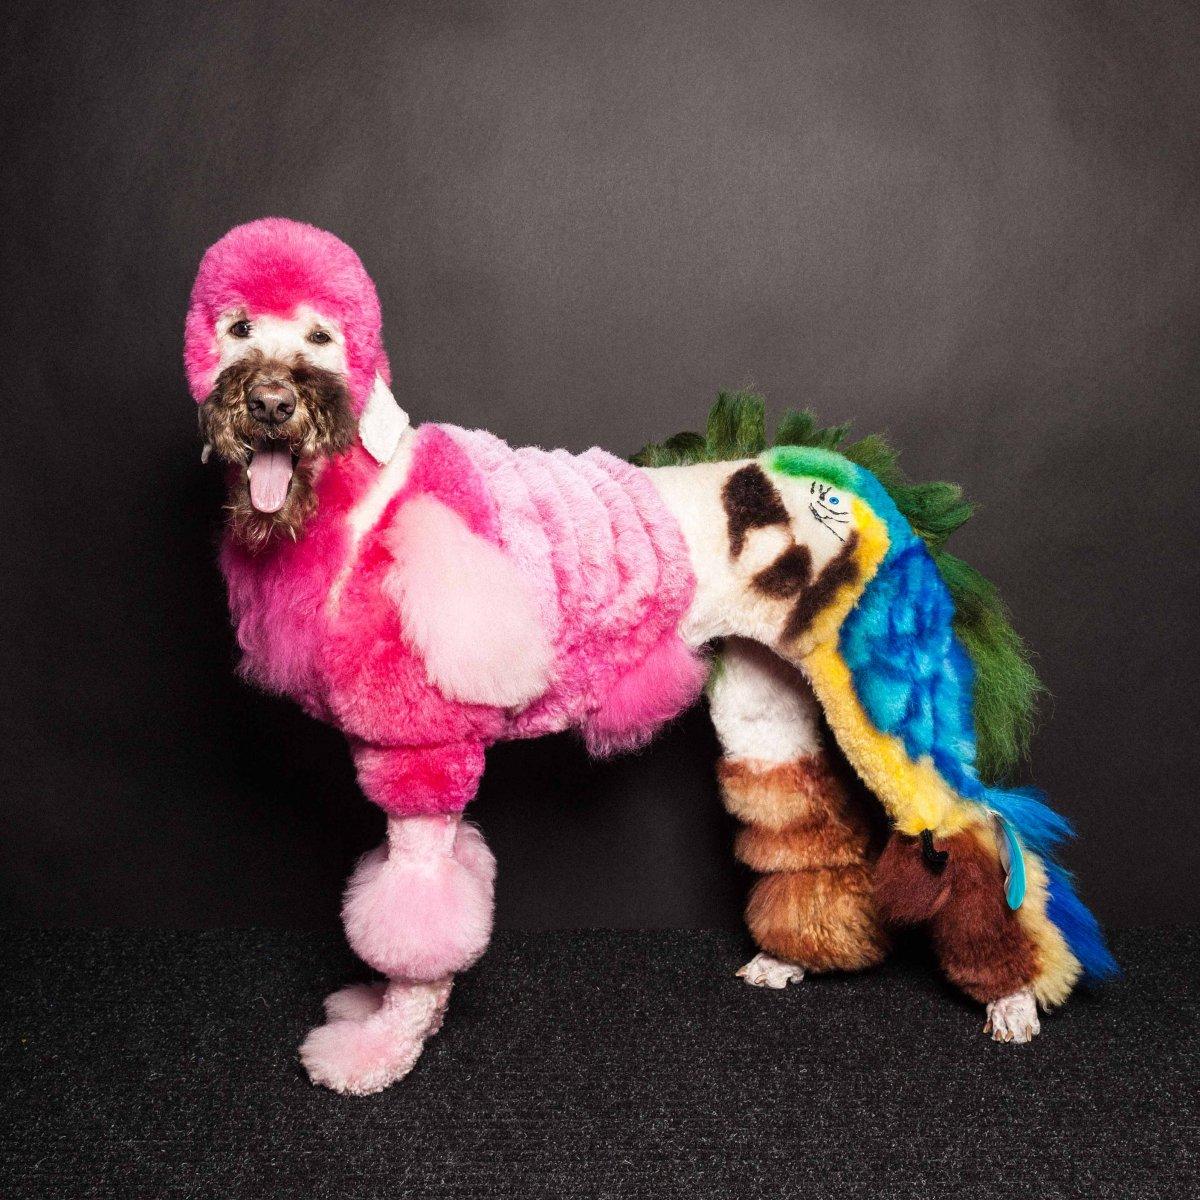 Concurso de moda canina mostra porque os cães mordem gente 01